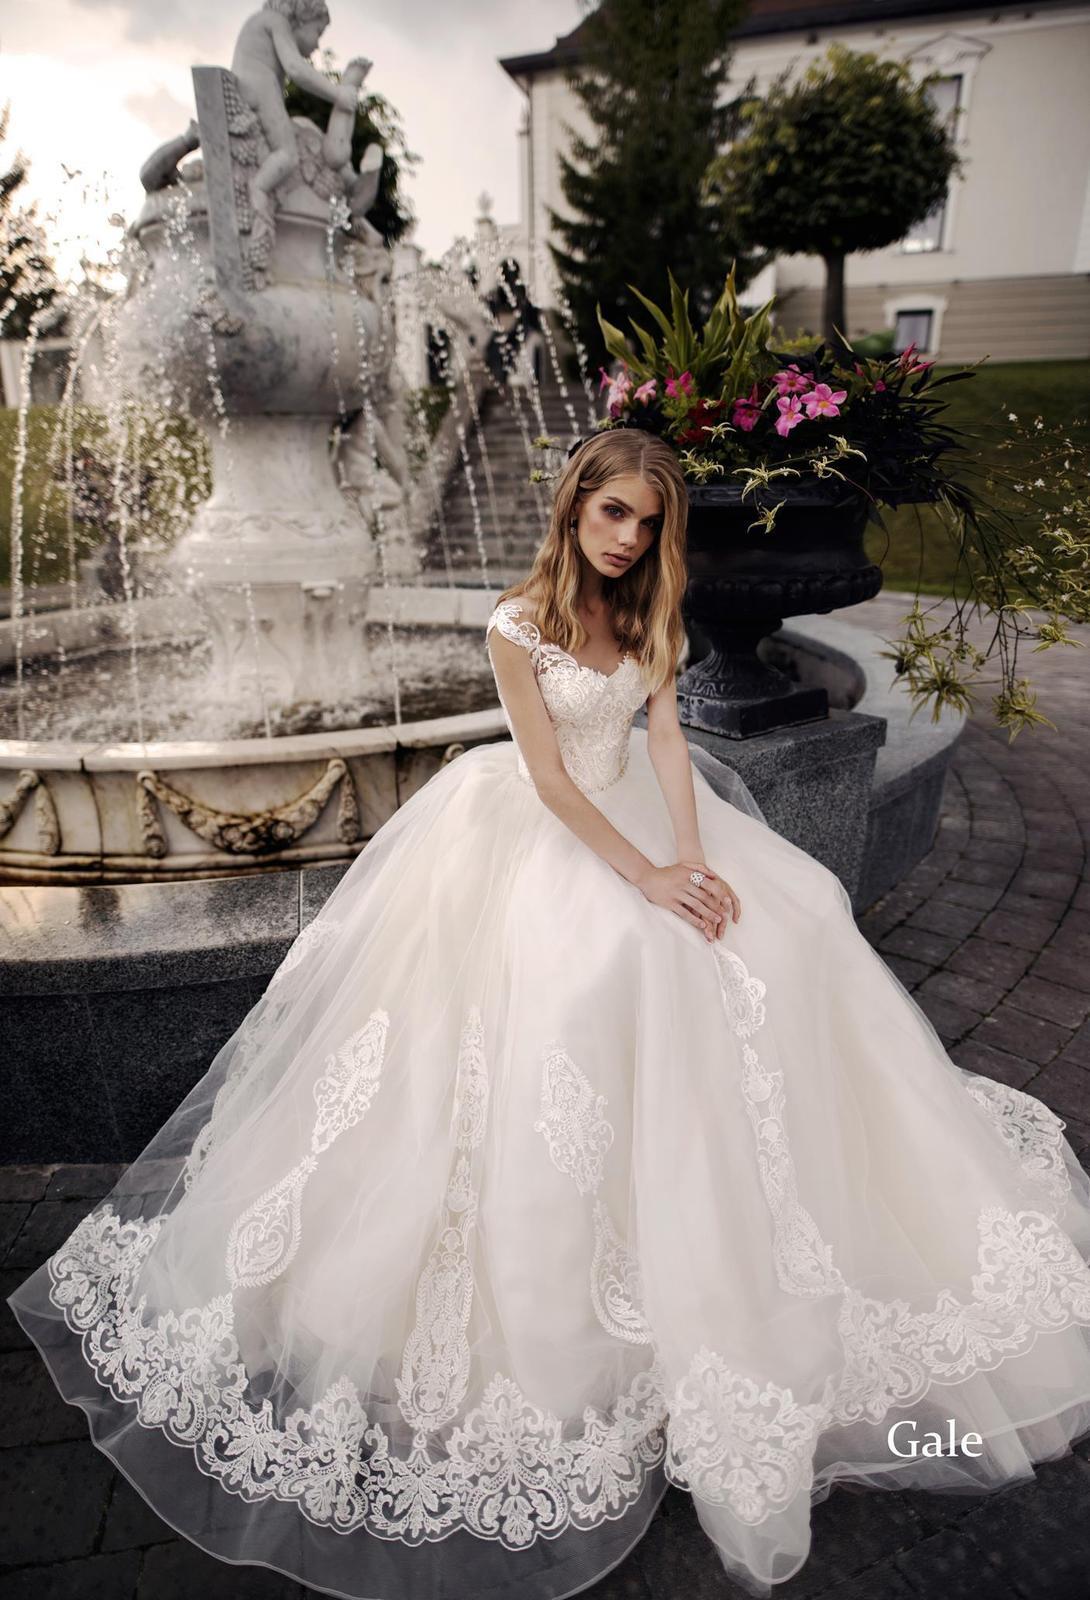 Čipkované svadobné šaty vo farbe ivory/šampaň za 199€ - Obrázok č. 1